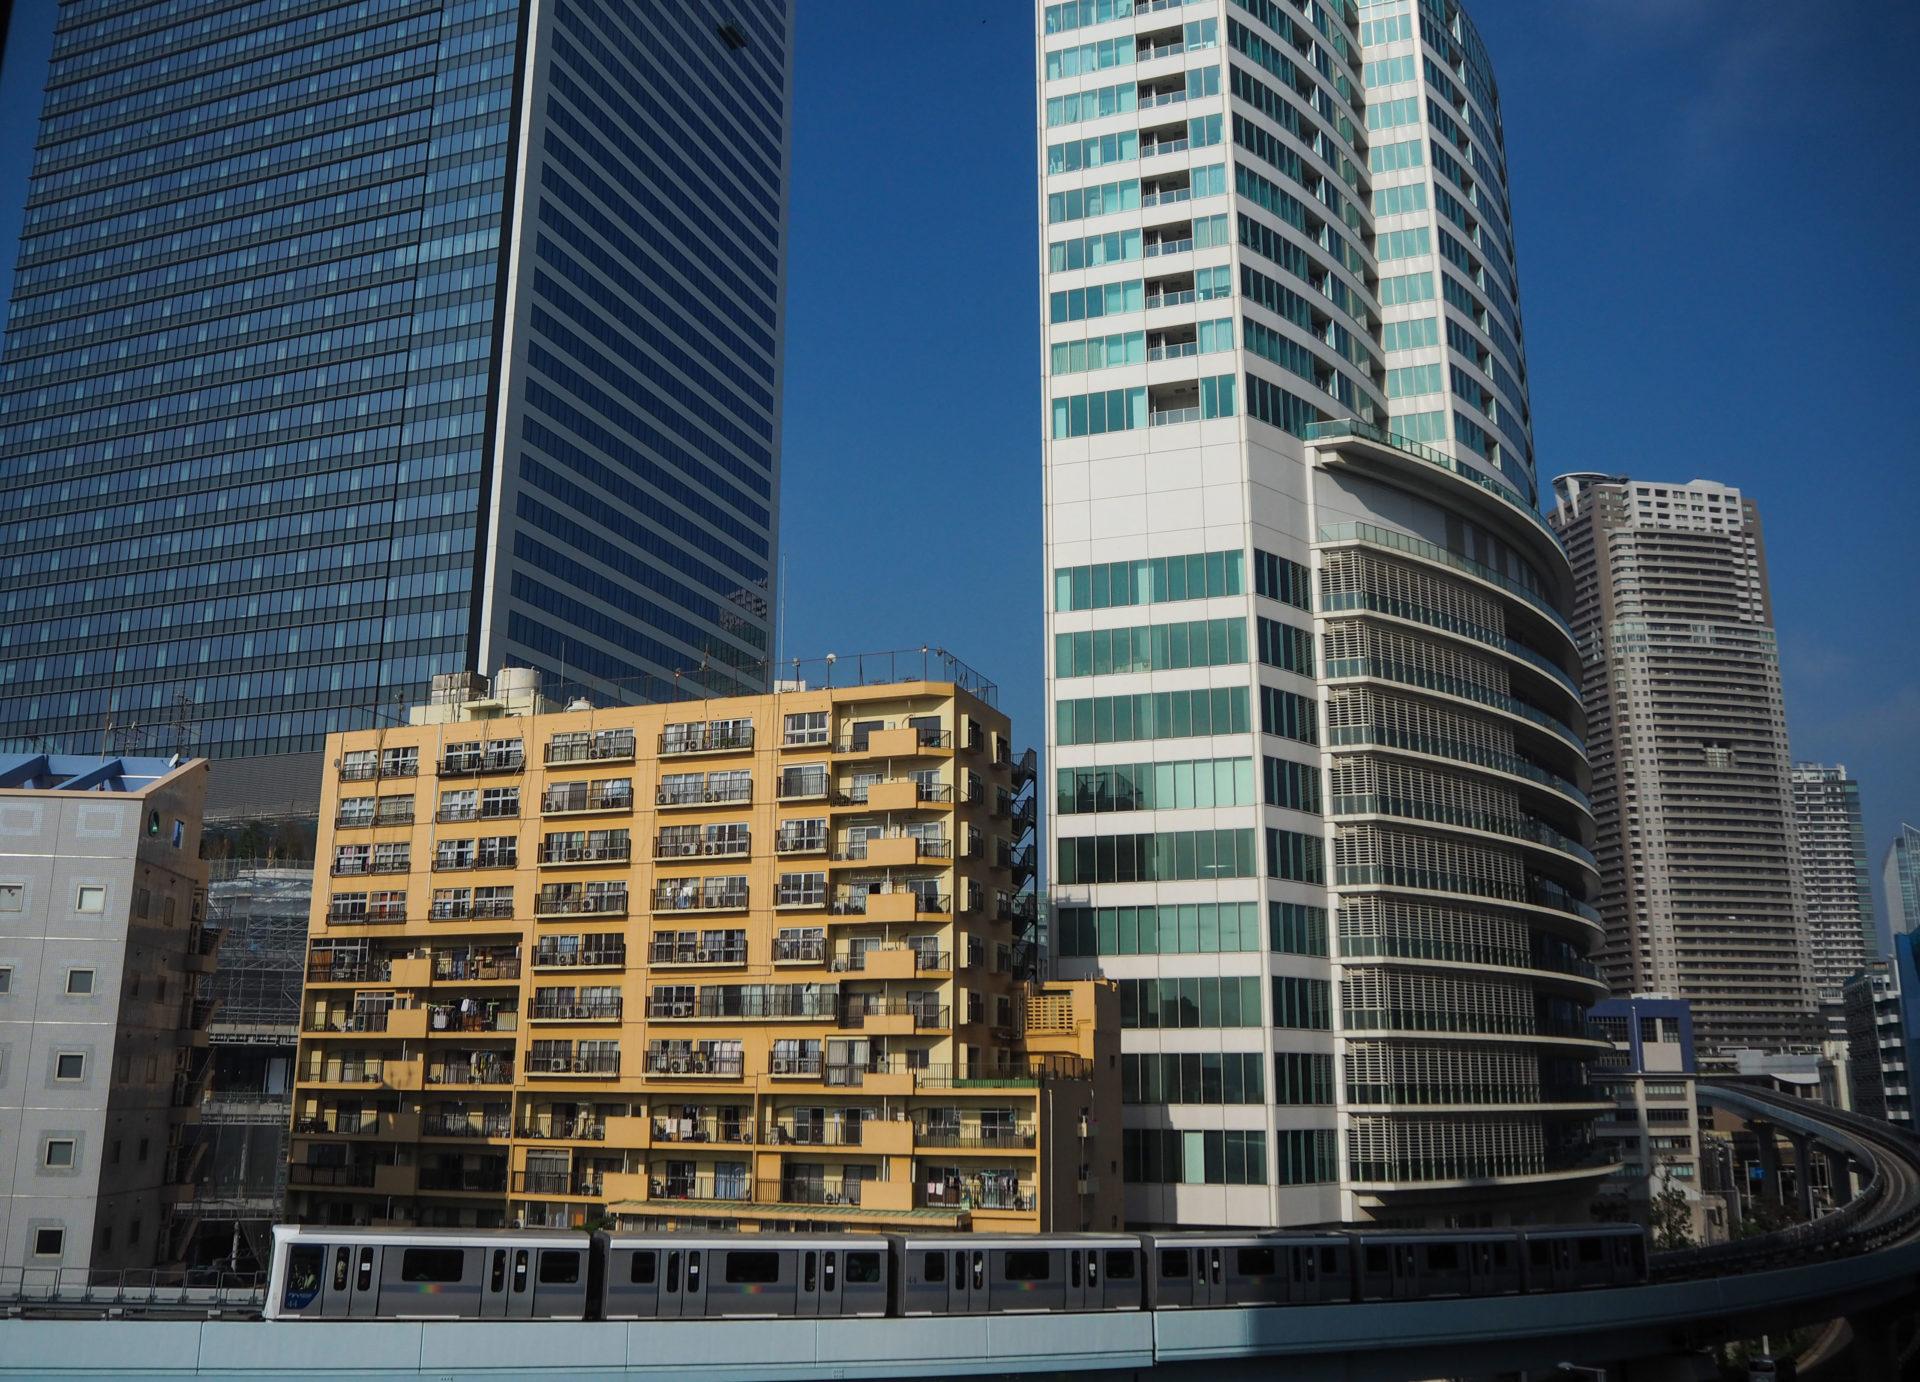 Vue sur le Monorail depuis mon hôtel à Tokyo - Escale à Tokyo: 24h dans la capitale du Japon - Tokyo en 24h - Récit et itinéraire pour visiter Tokyo en une journée